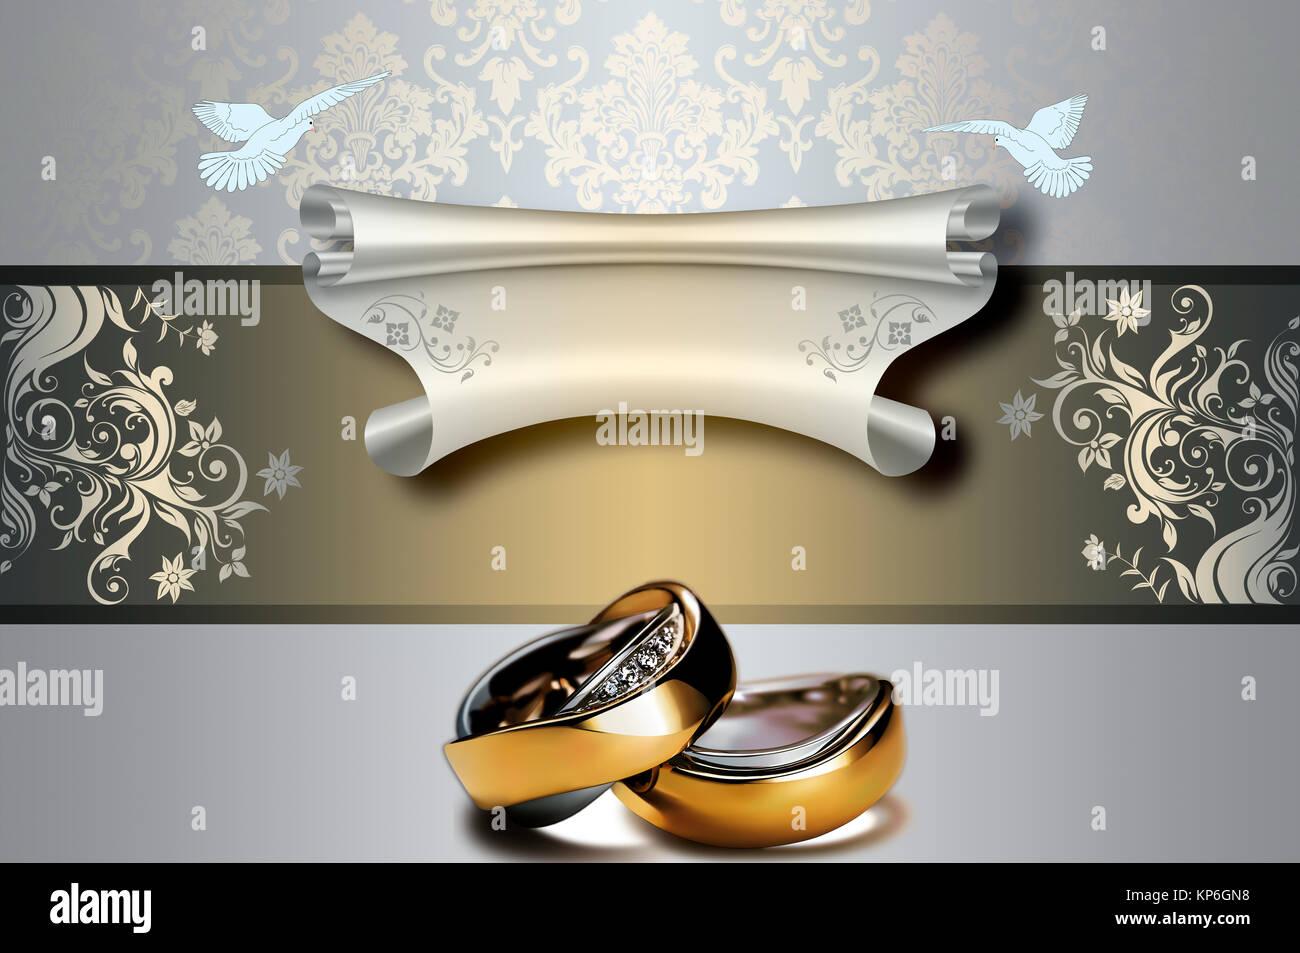 Dekorative Blumen Hochzeit Hintergrund Mit Gold Ringe Und Blattern